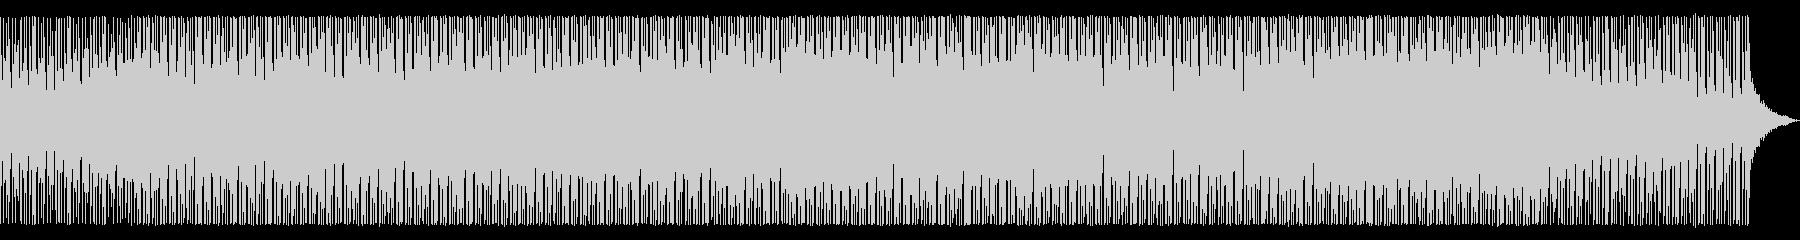 バサノバ ポジティブ 明るい 野生...の未再生の波形